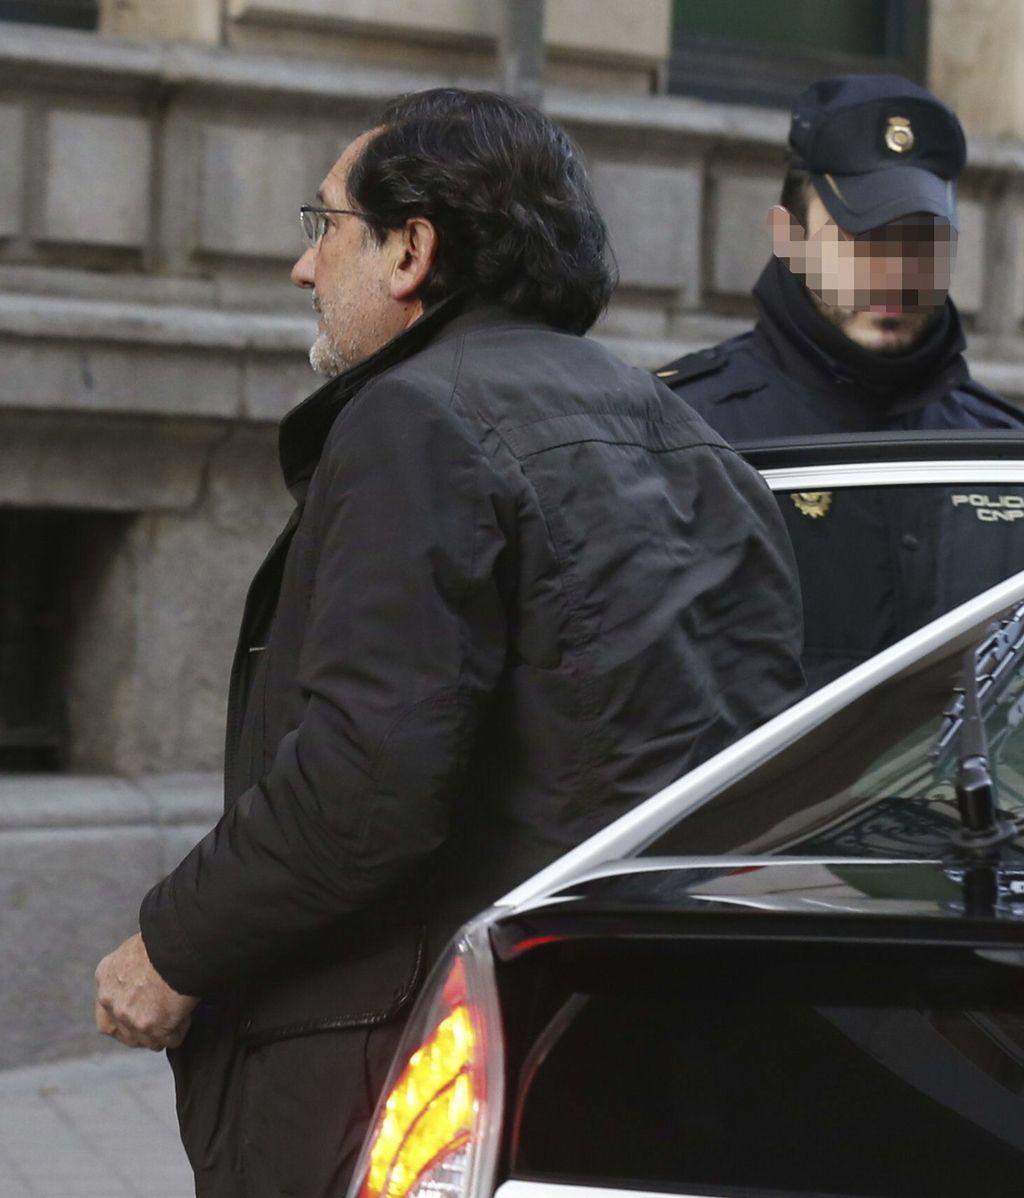 El exconsejero de Caja Madrid José Antonio Moral Santín a su llegada a la Audiencia Nacional